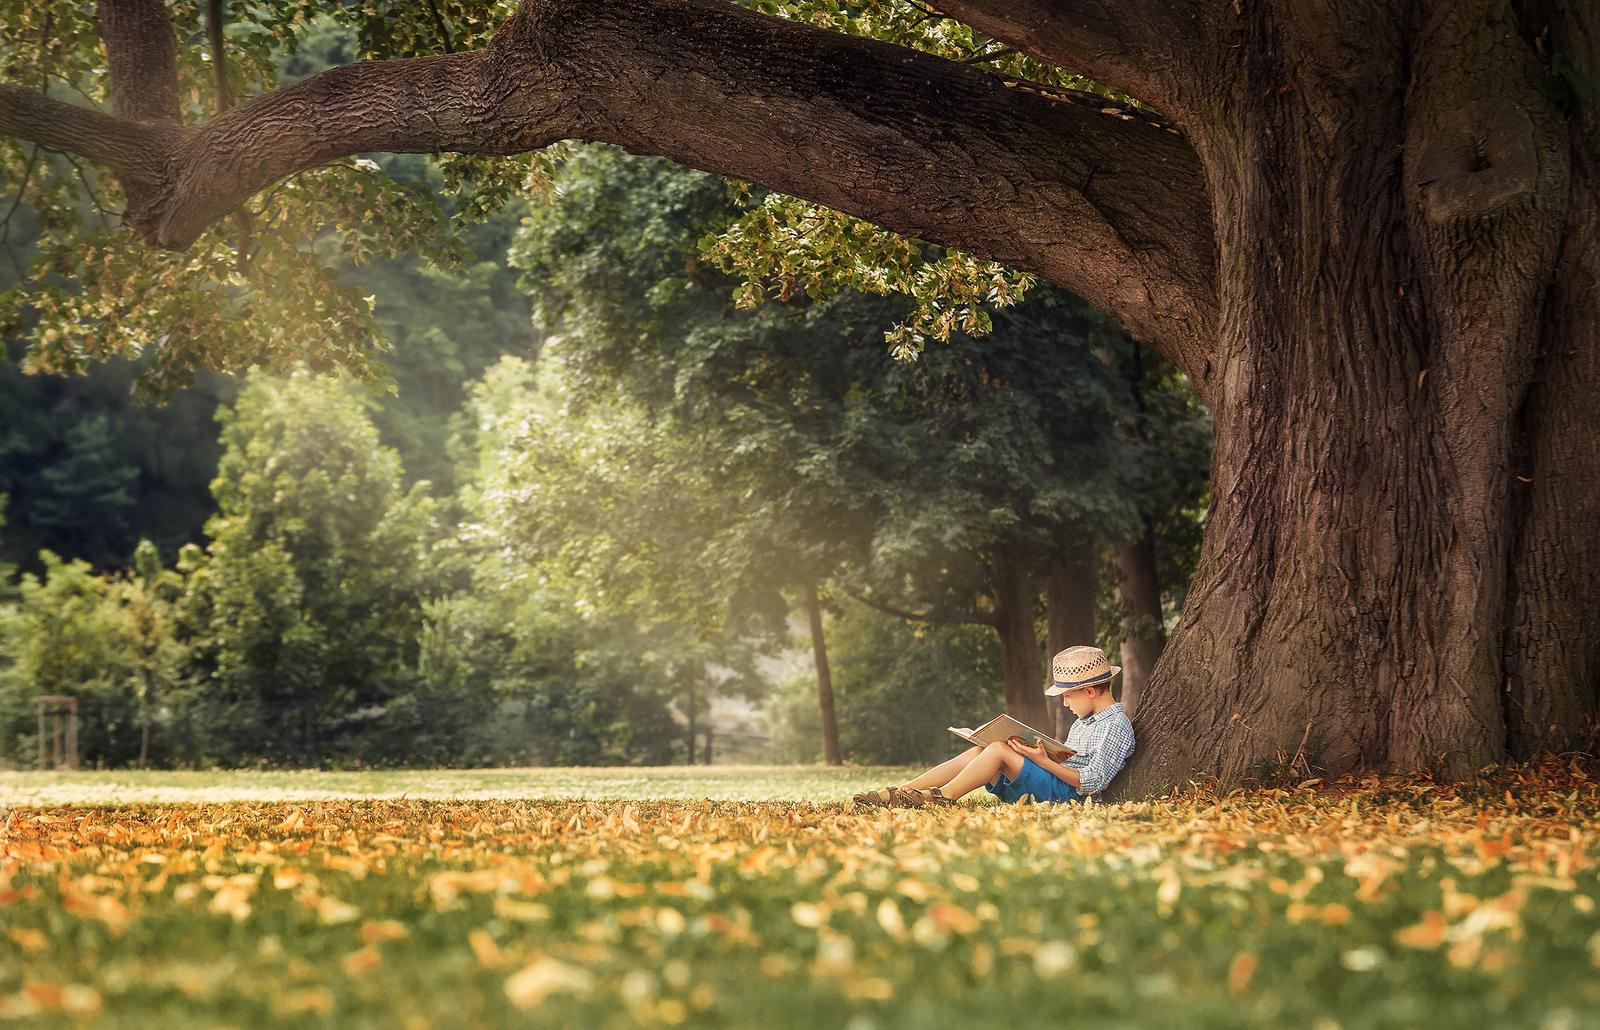 10 เรื่องเปลี่ยนชีวิตที่เอวาได้เรียนรู้ และมันอาจเปลี่ยนชีวิตของคุณ.06